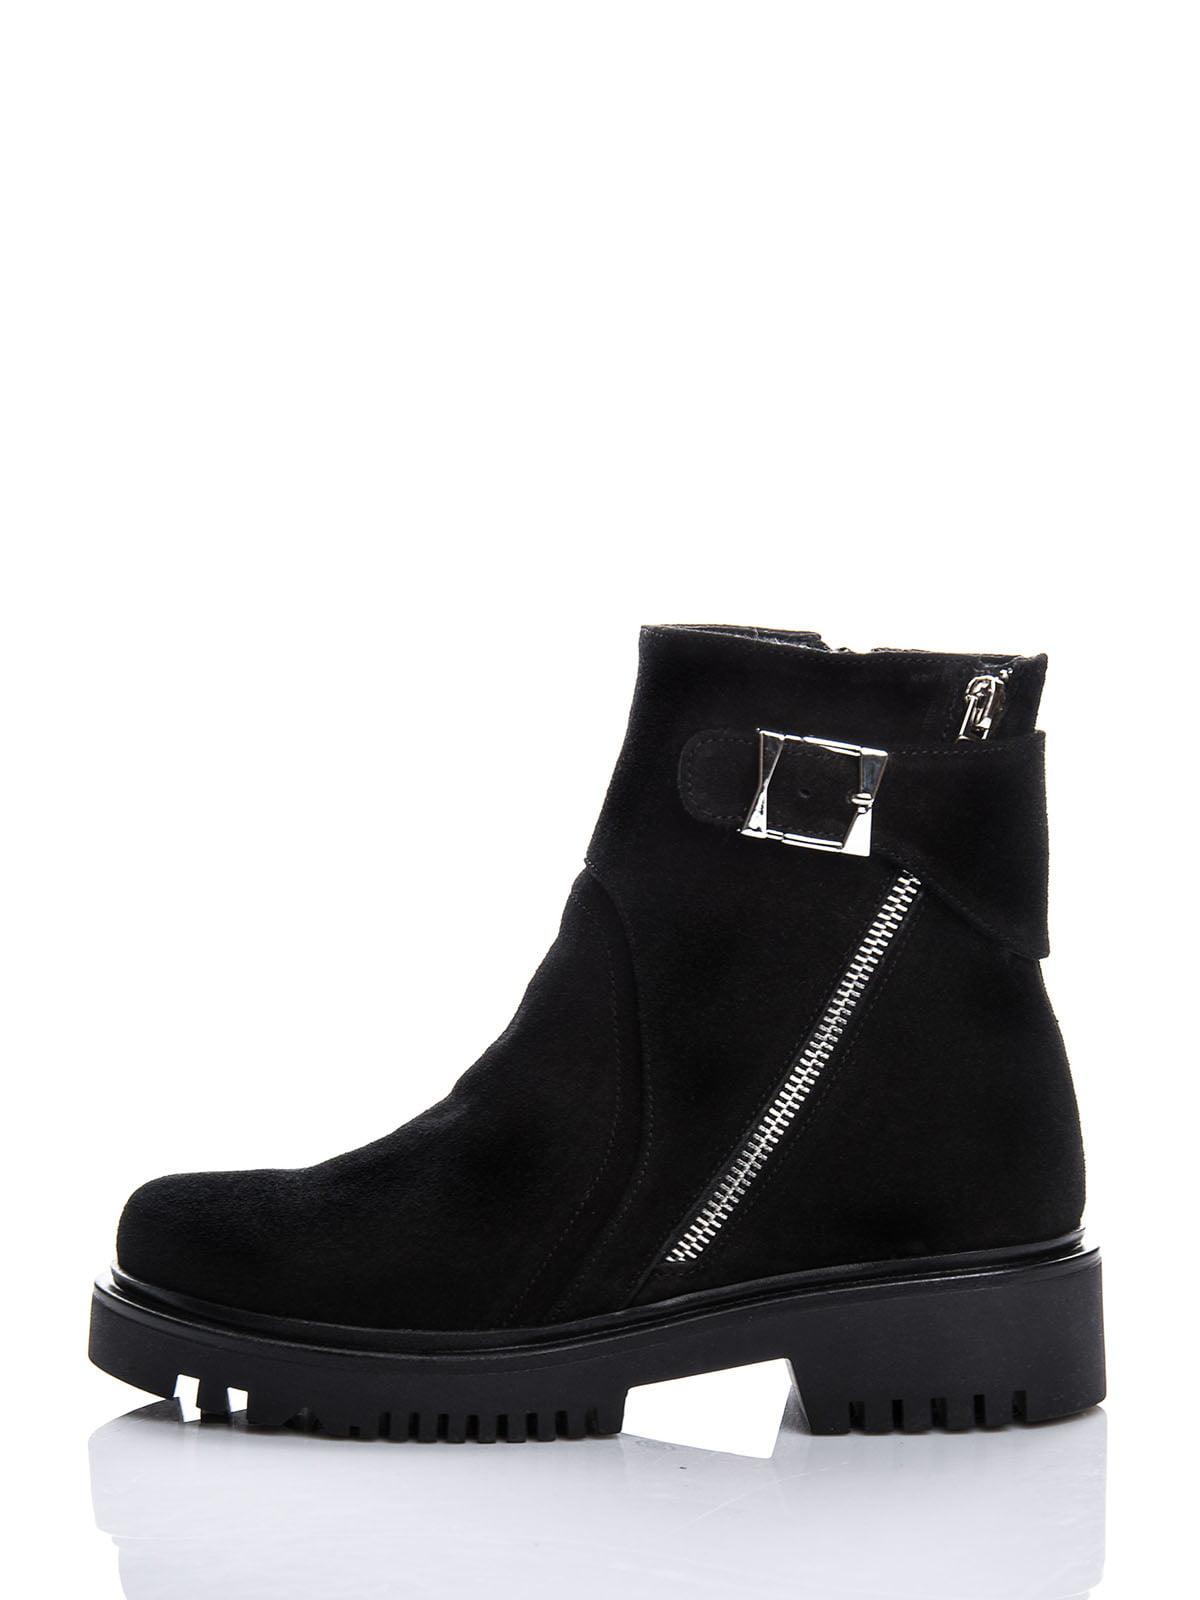 Ботинки черные | 4625274 | фото 2